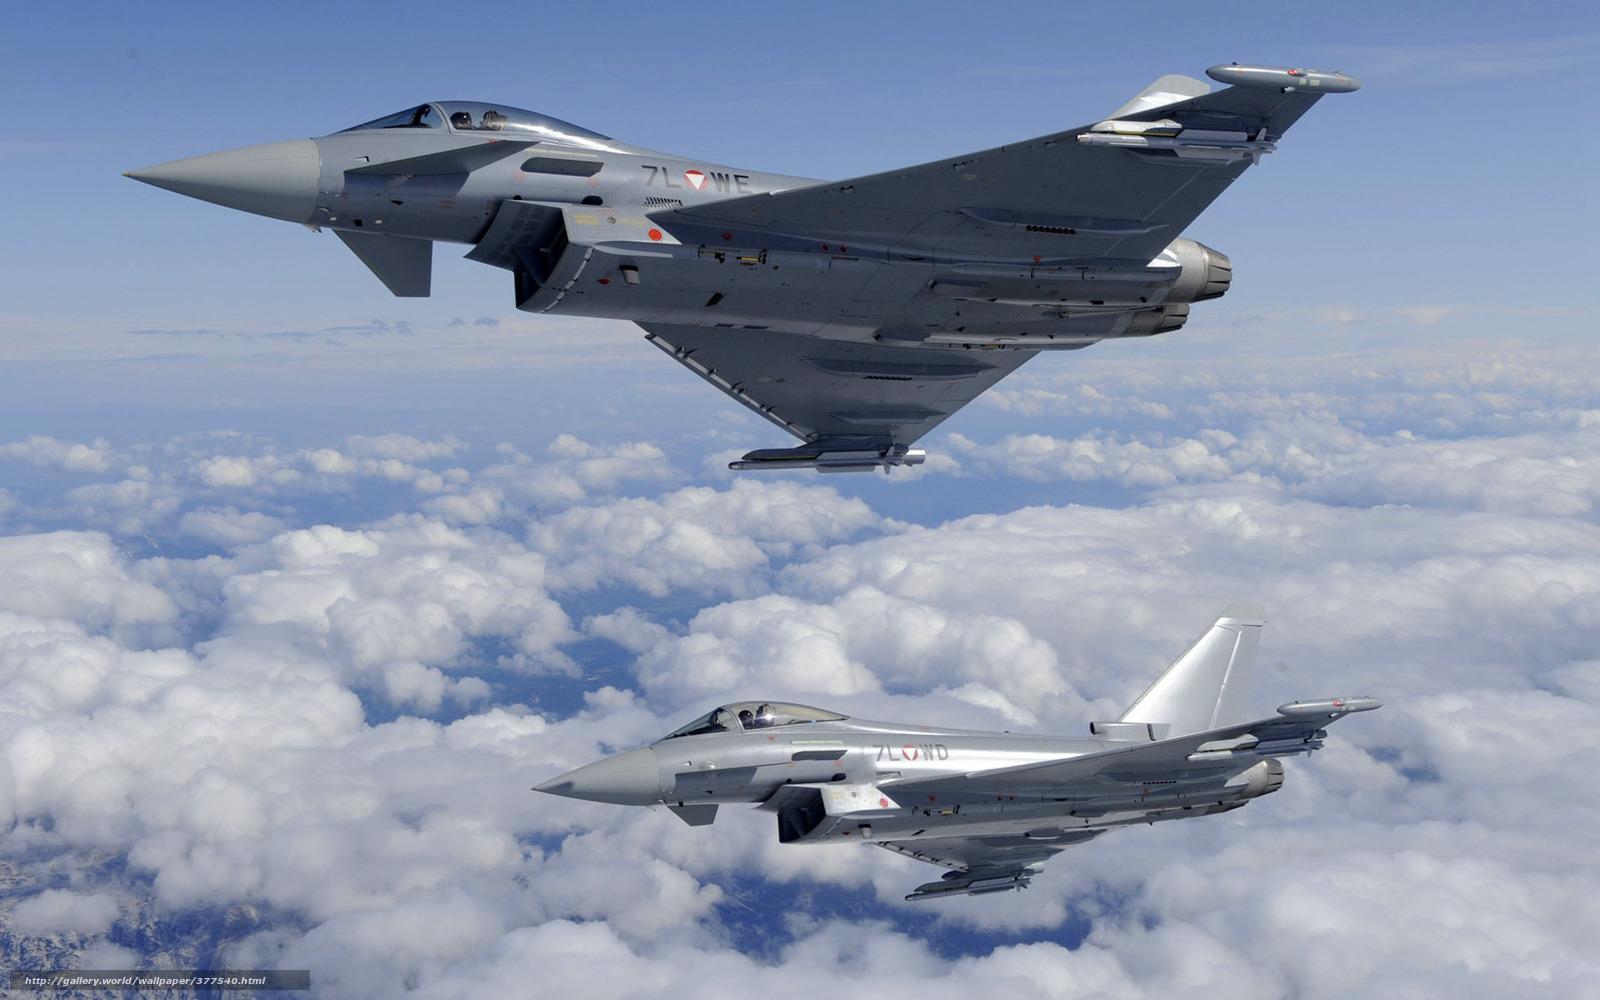 Скачать обои Истребители,  полет,  пара,  облака бесплатно для рабочего стола в разрешении 1680x1050 — картинка №377540